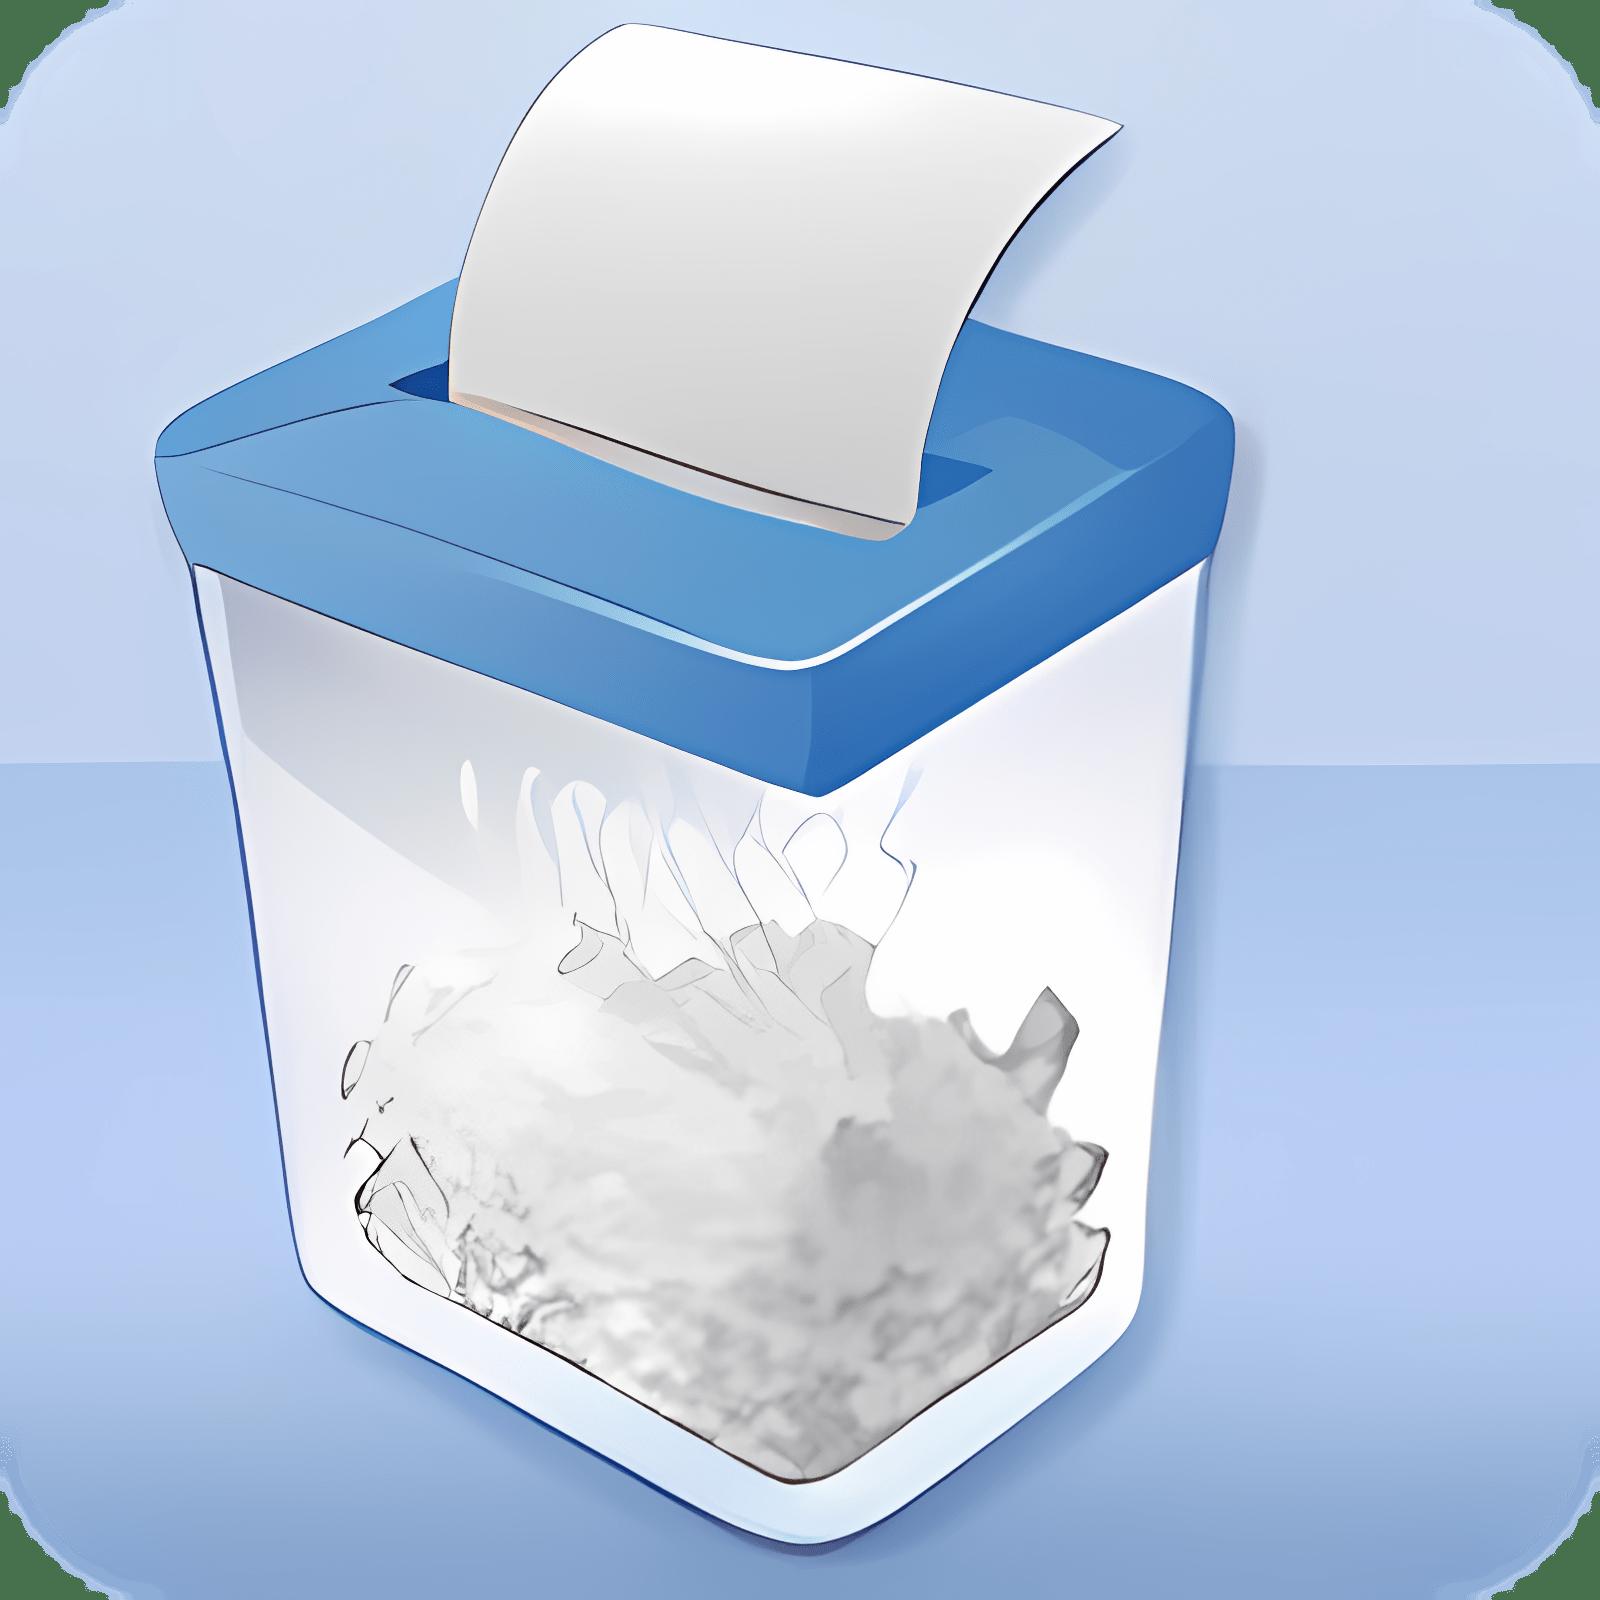 Disk Doctors File Shredder 1.0.0